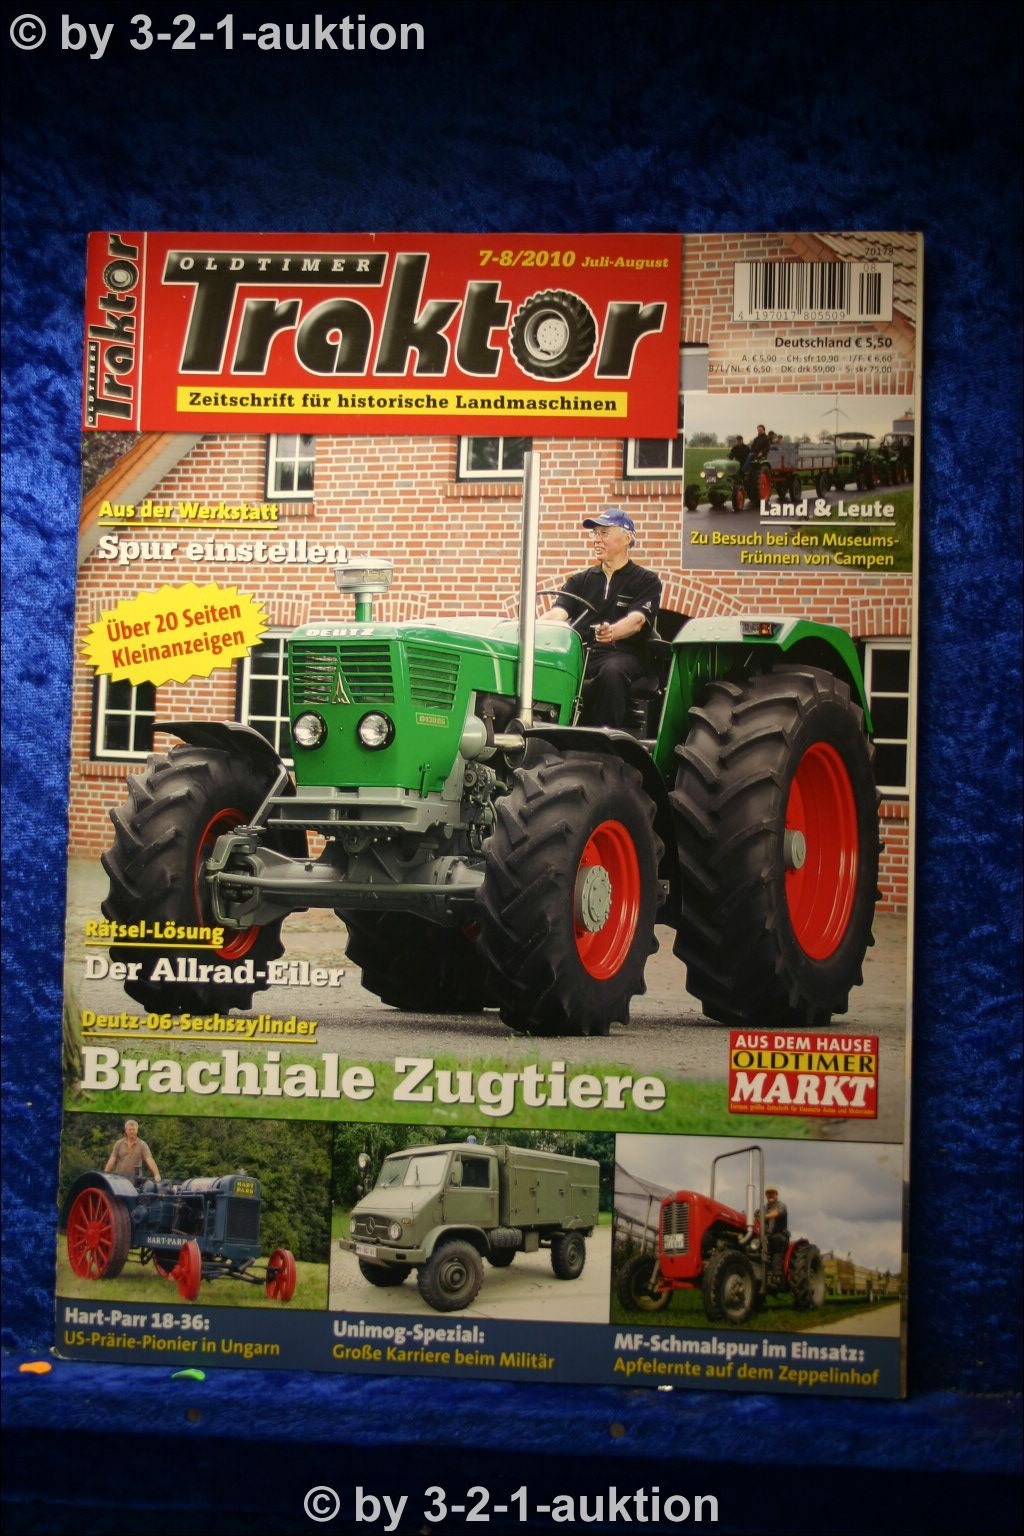 oldtimer traktor 7 8 10 deutz 06 sechszylinder milit r. Black Bedroom Furniture Sets. Home Design Ideas